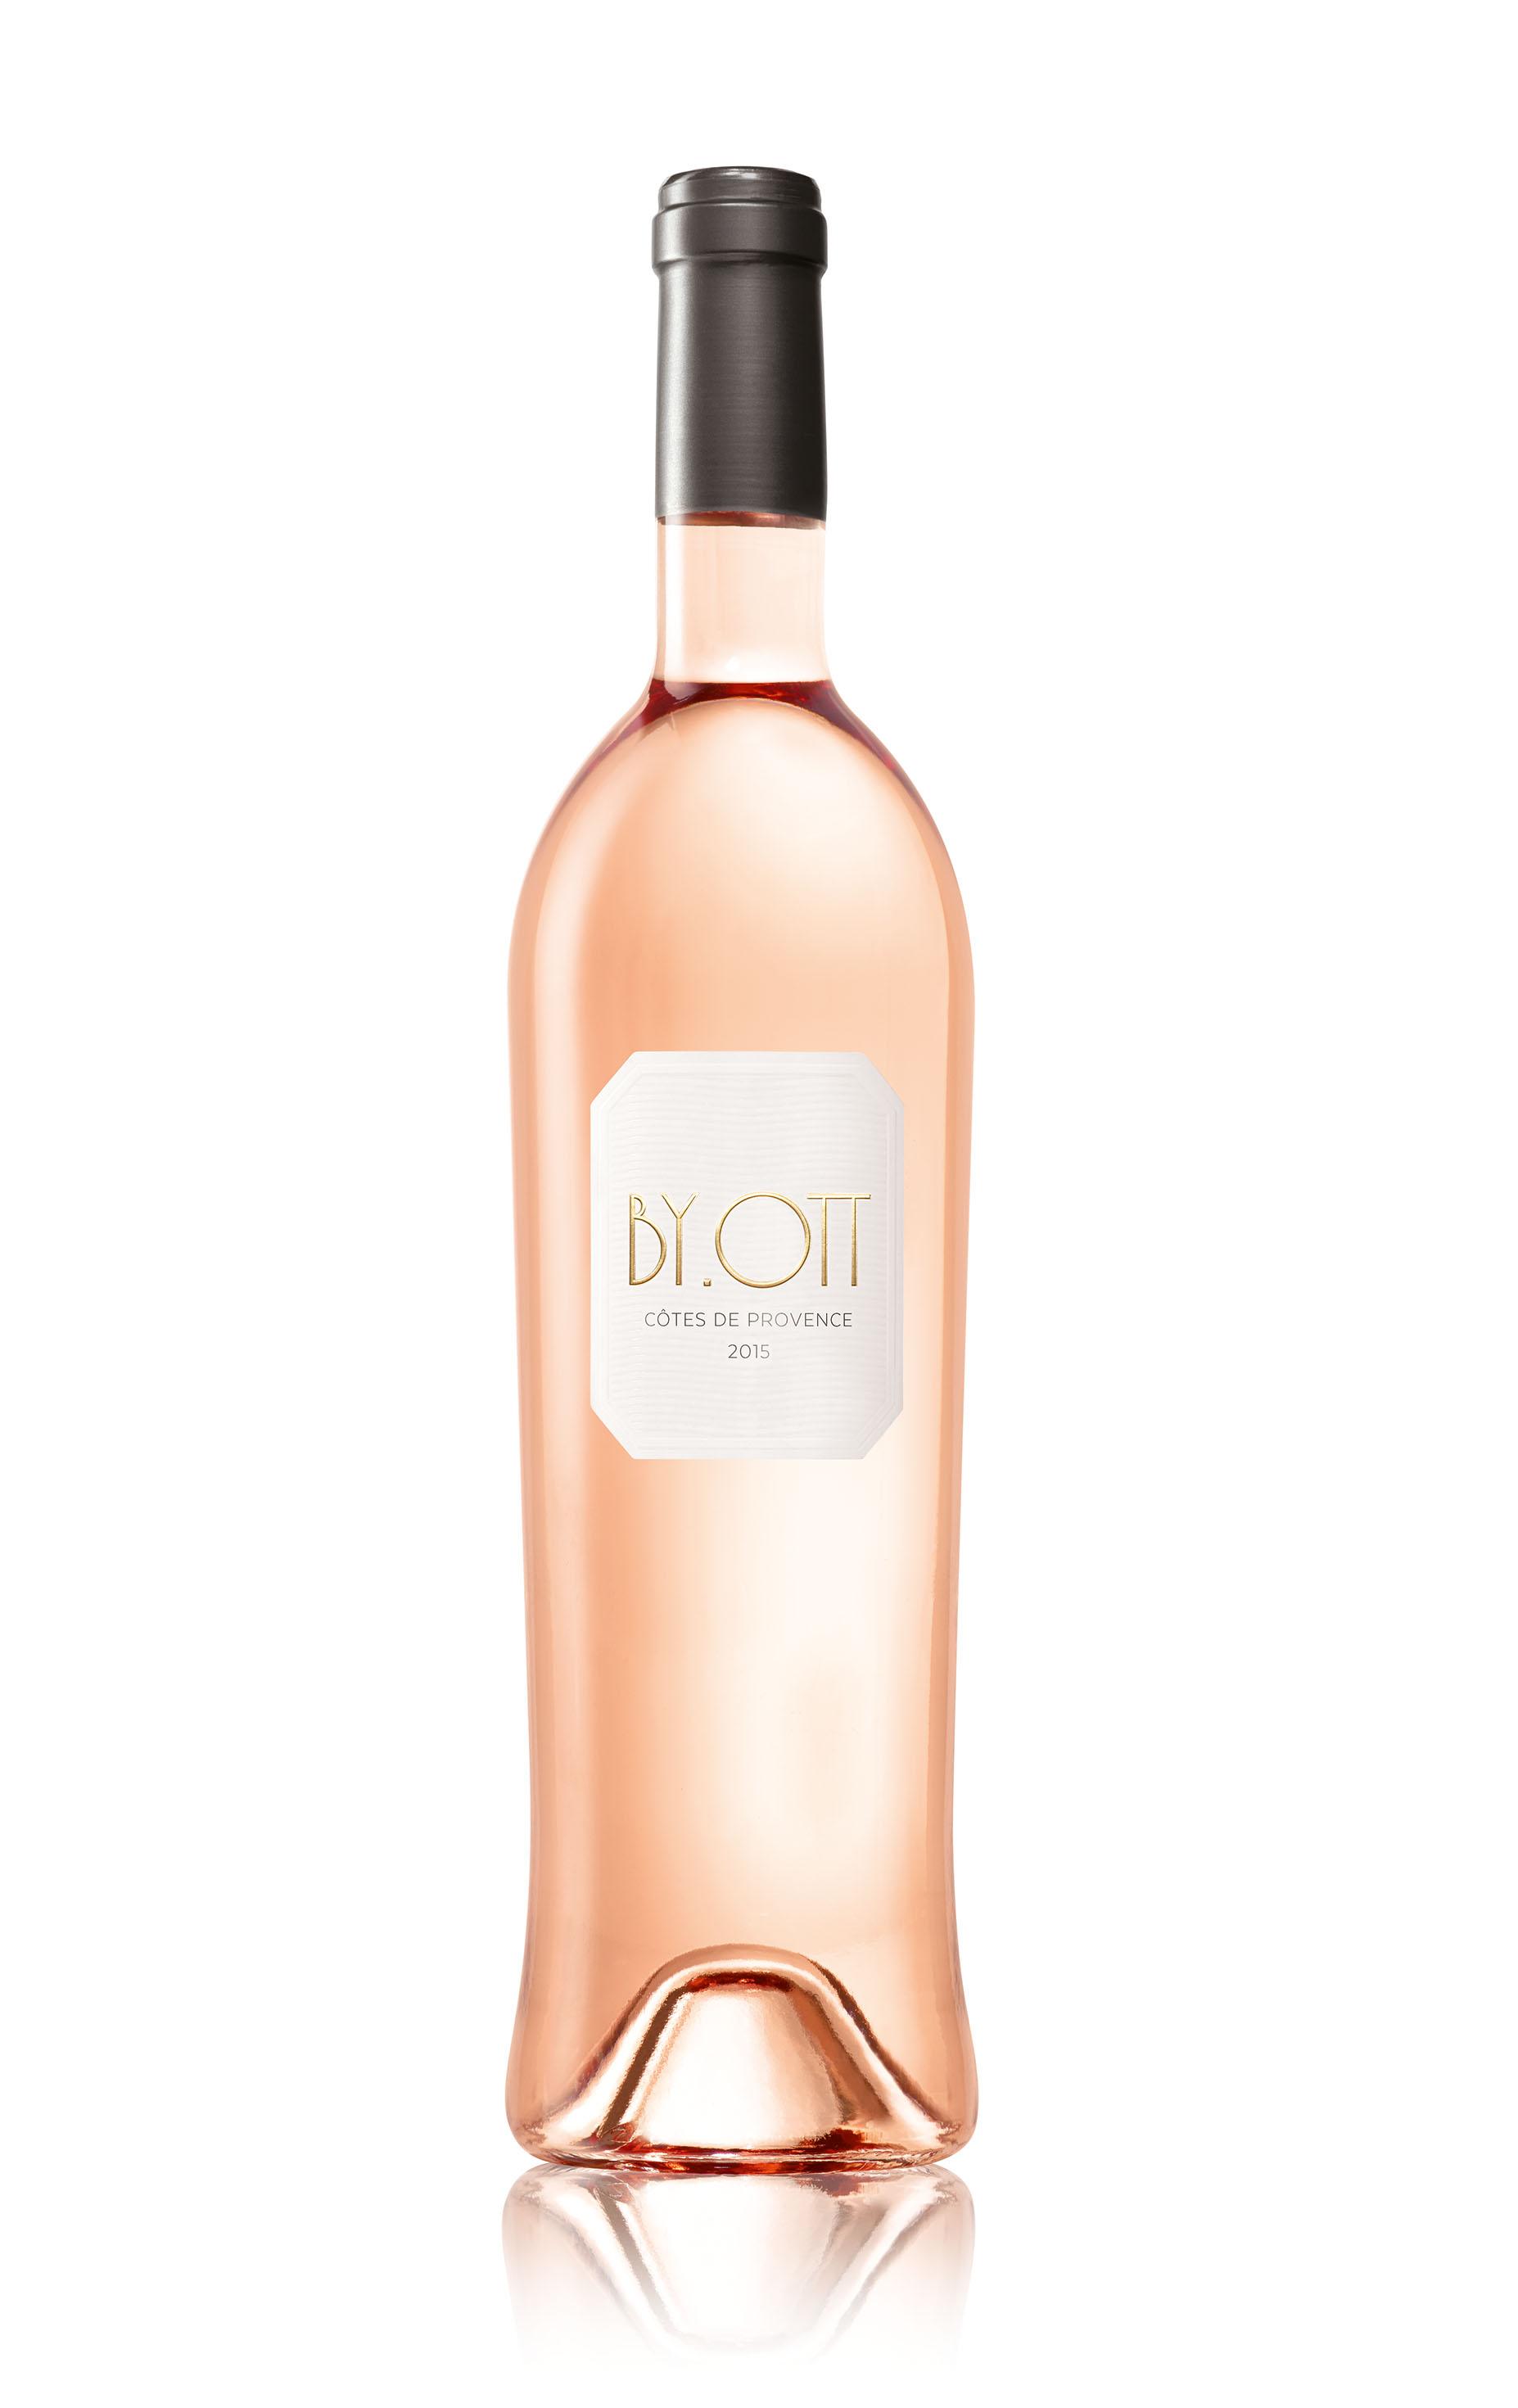 By.Ott - Cotes de Provence Rosé 2015